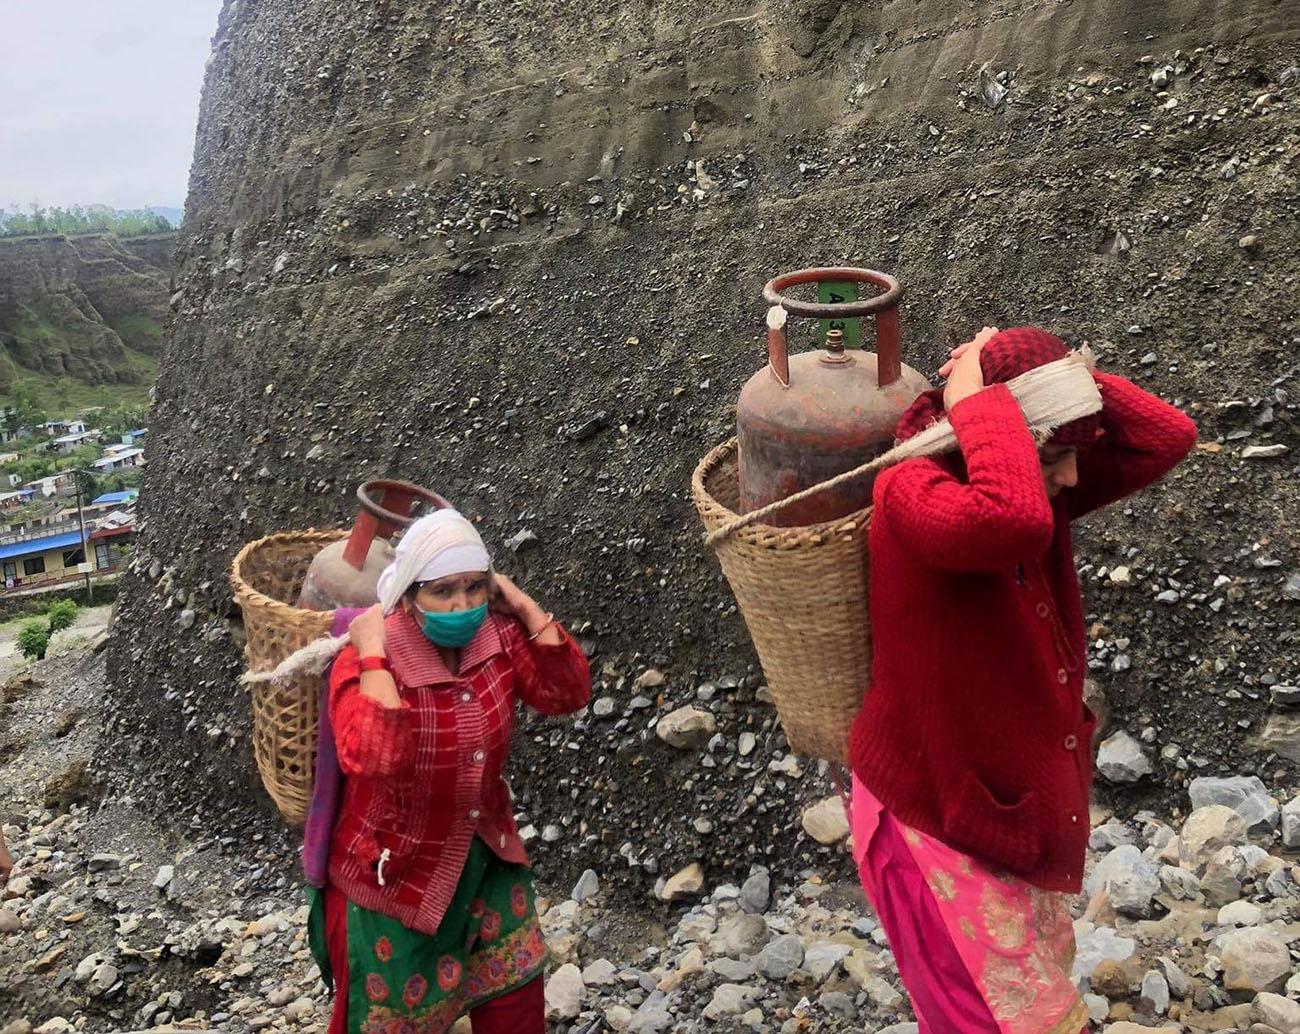 पोखरा महानगरपालिका–१७ मतगौडामा खाली सिलिन्डर डोकोमा बोकेर बजारतिर जाँदै महिला । तस्वीरः राधिका कँडेल/रासस